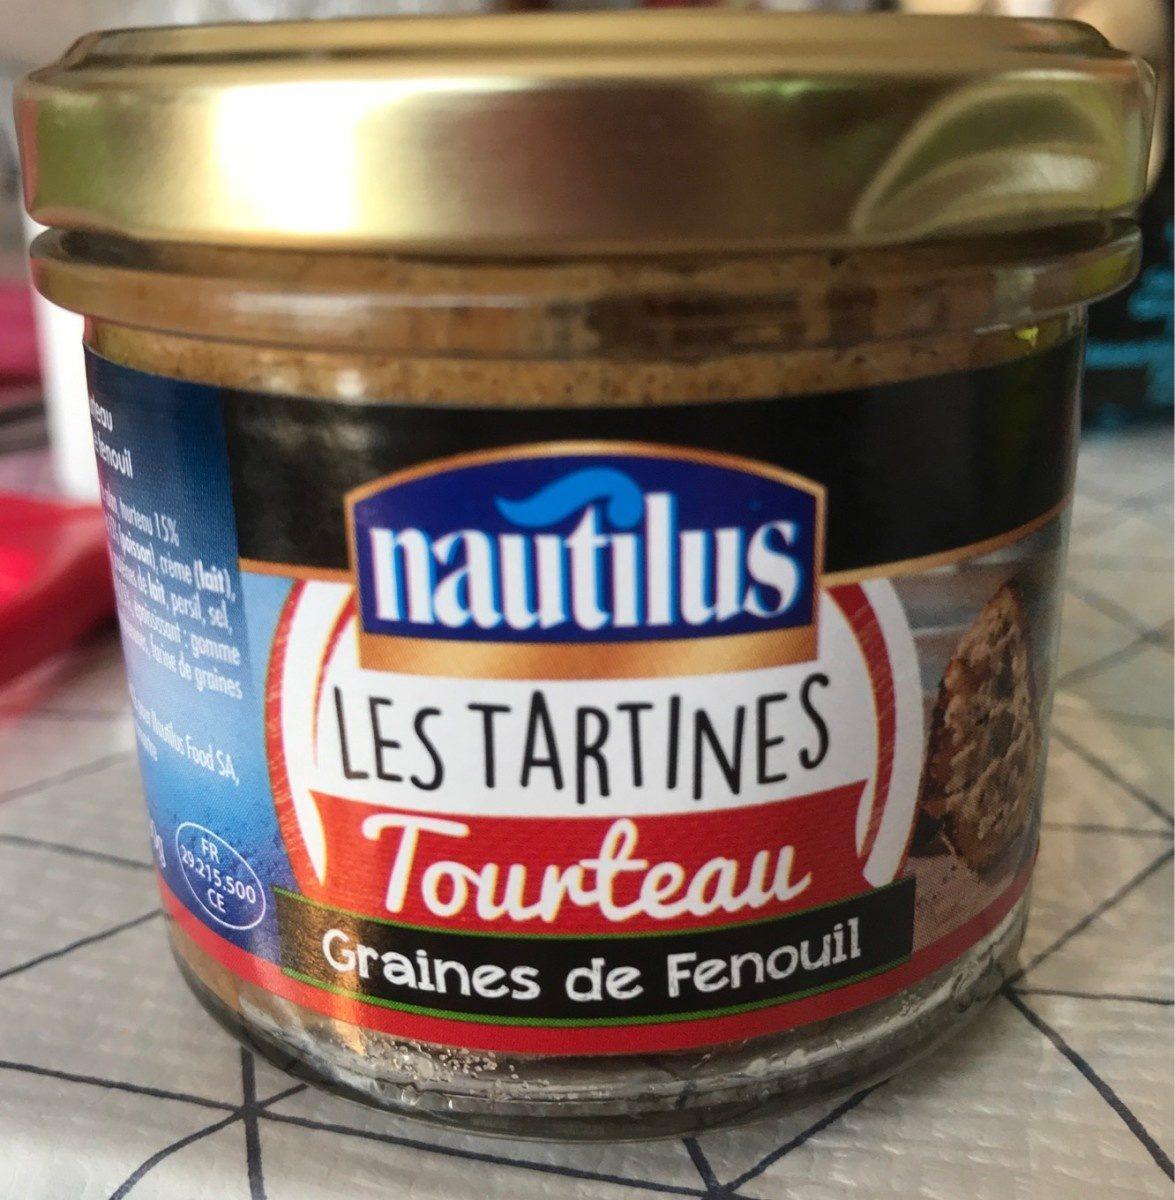 Les tartines - tourteau graines de fenouil - Product